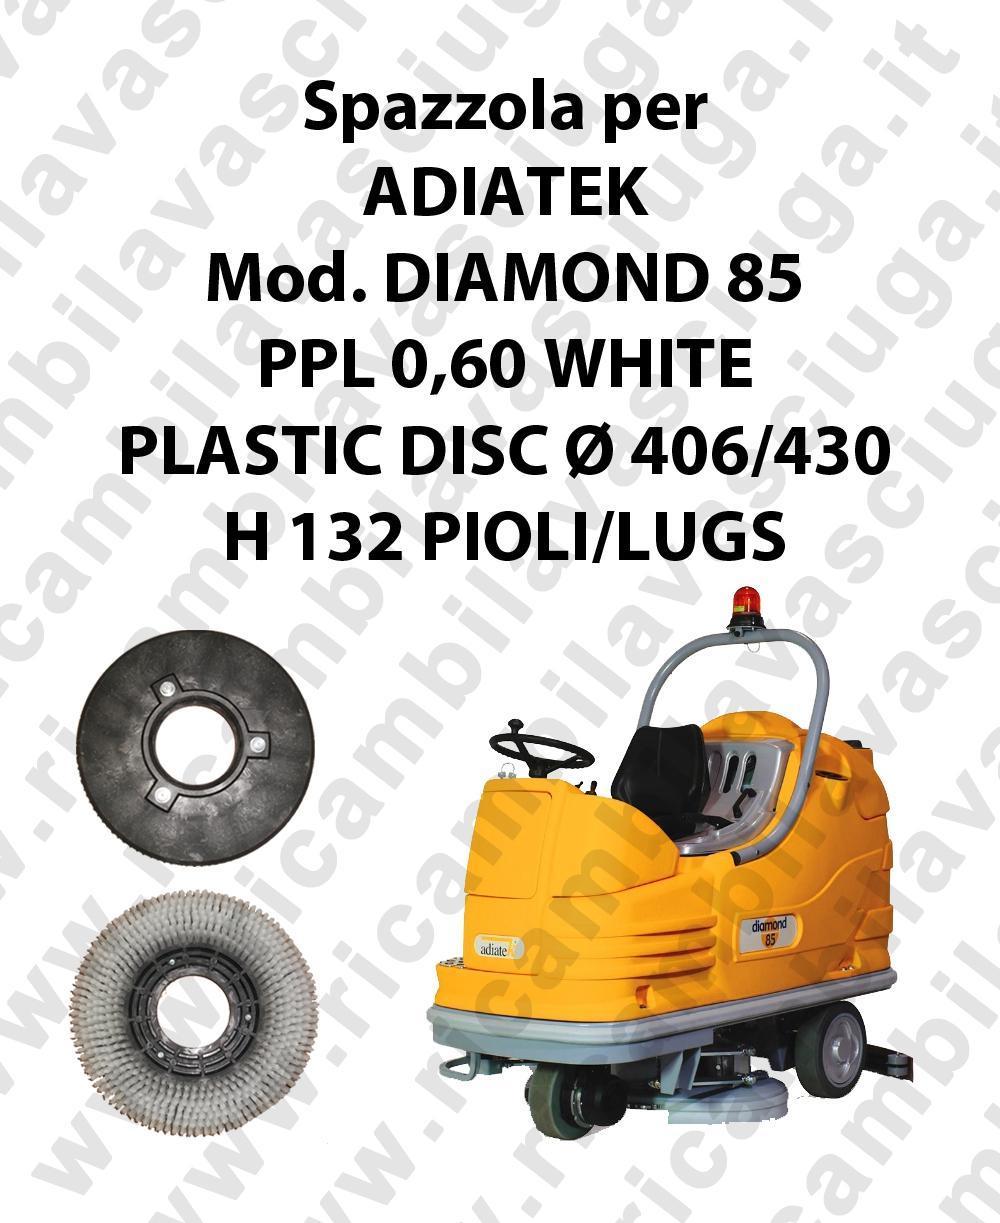 CEPILLO DE LAVADO PPL 0,60 WHITE para fregadora ADIATEK modelo DIAMOND 85